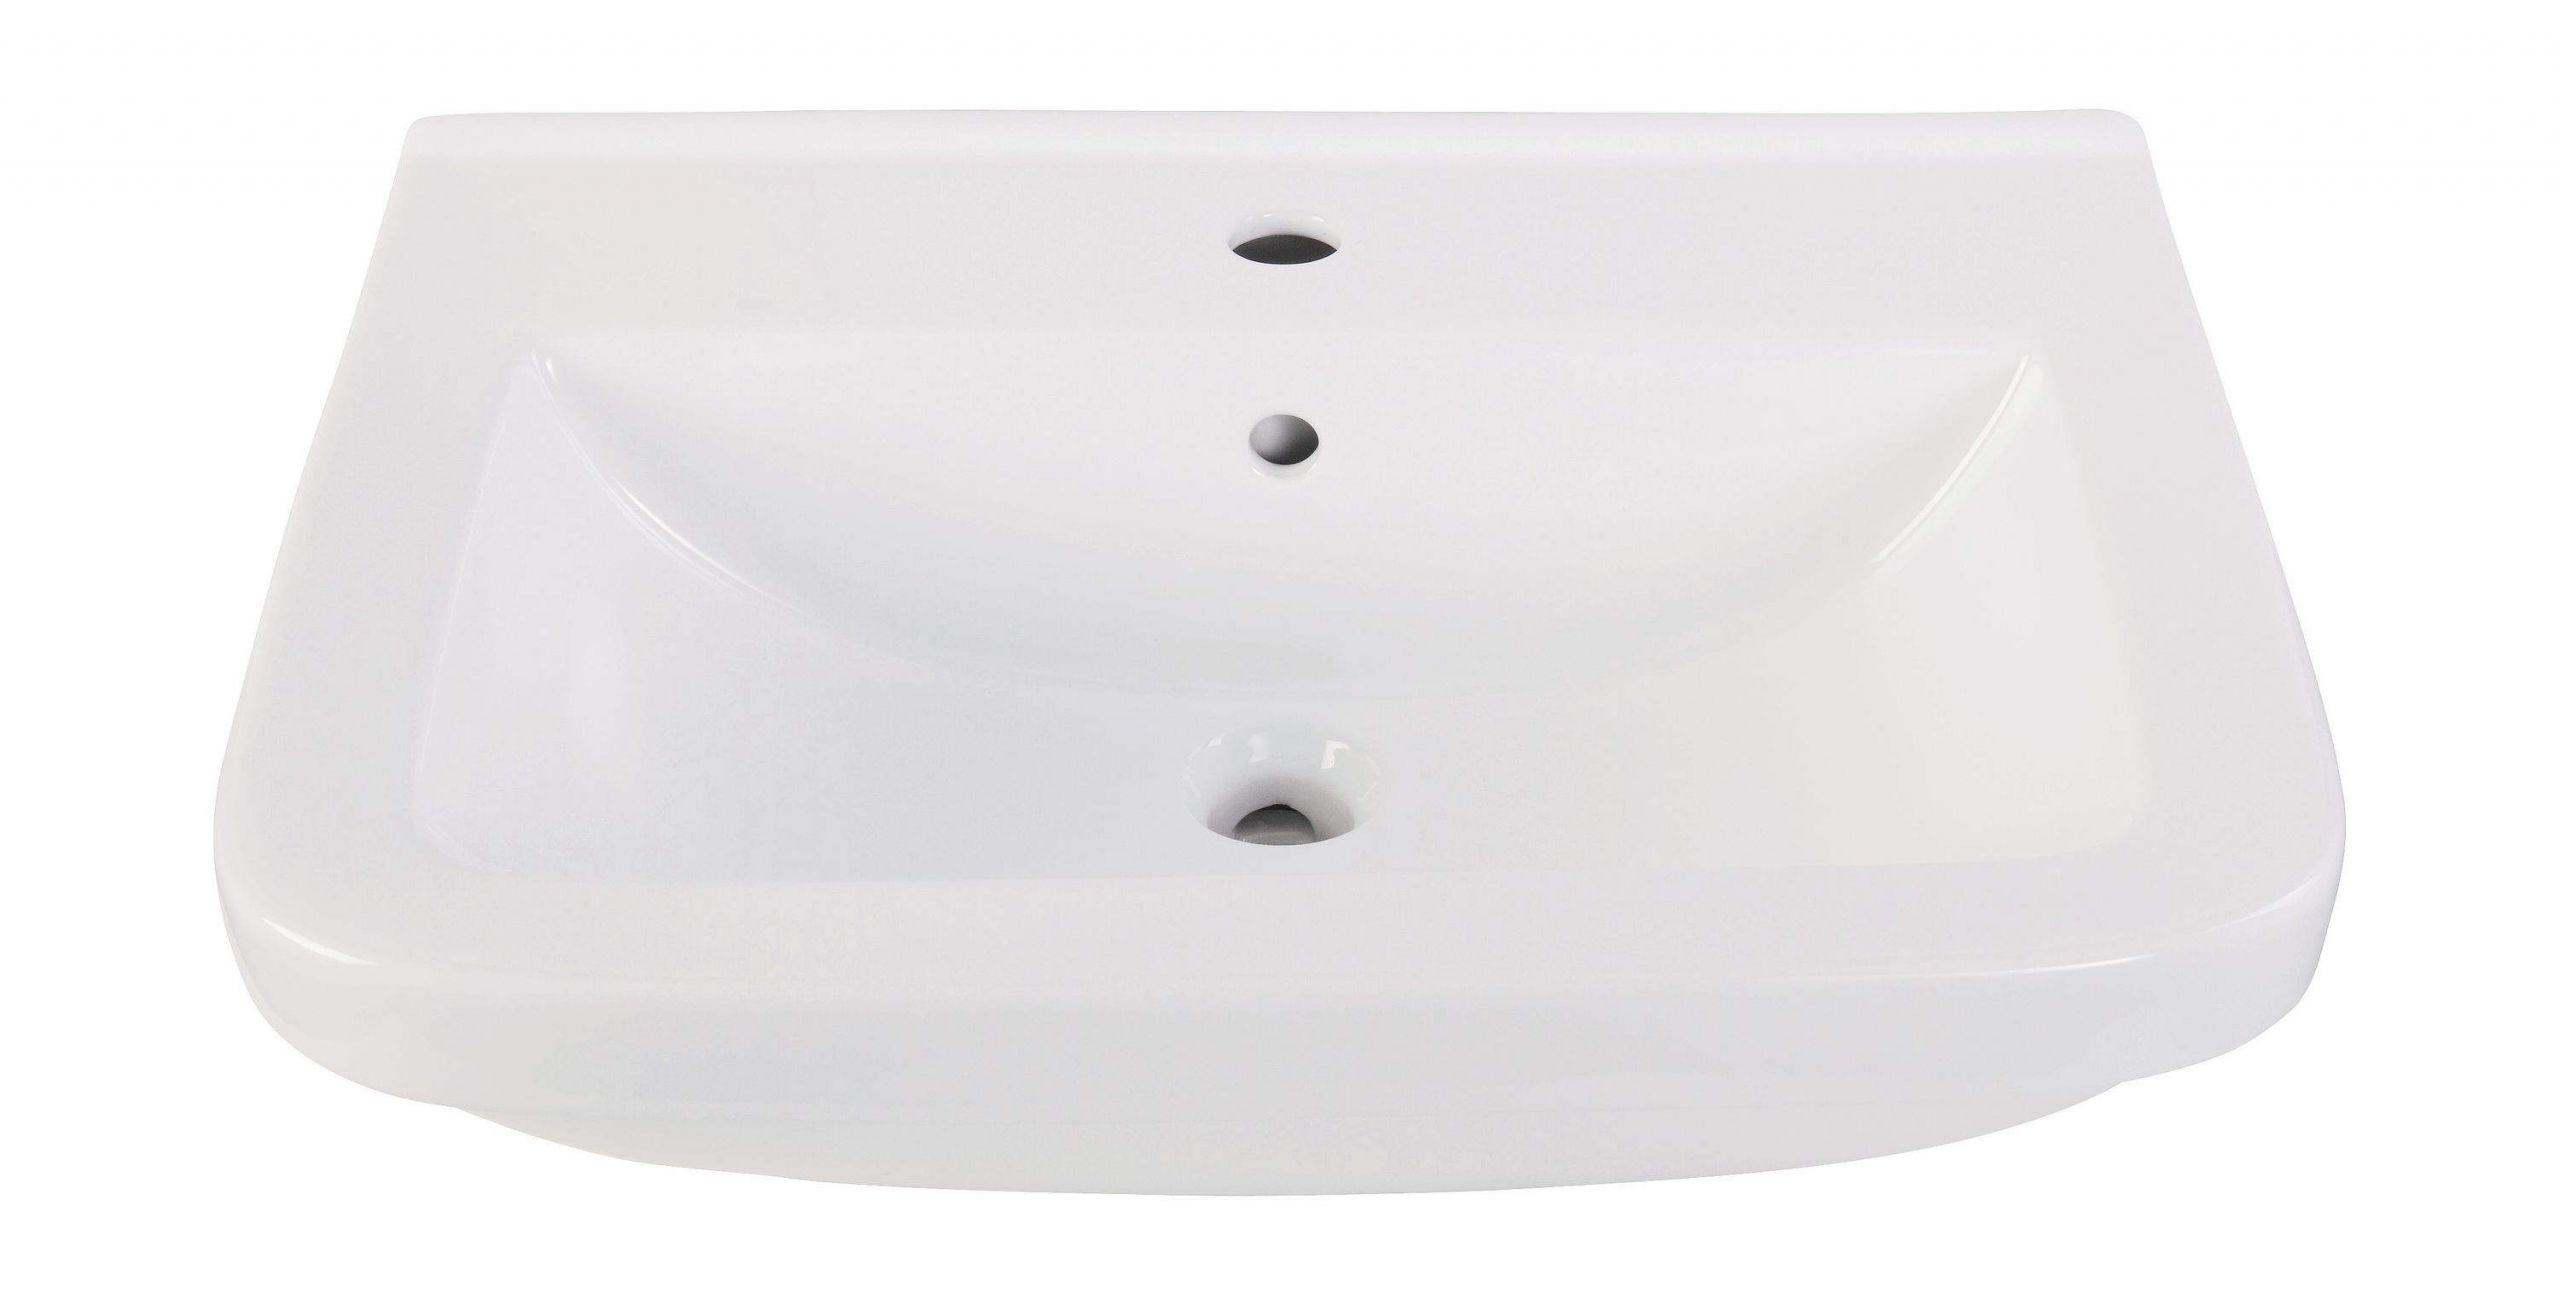 04AB2314 02 Waschbecken Handwaschbecken Keramik w1x9zevWFYrpCf